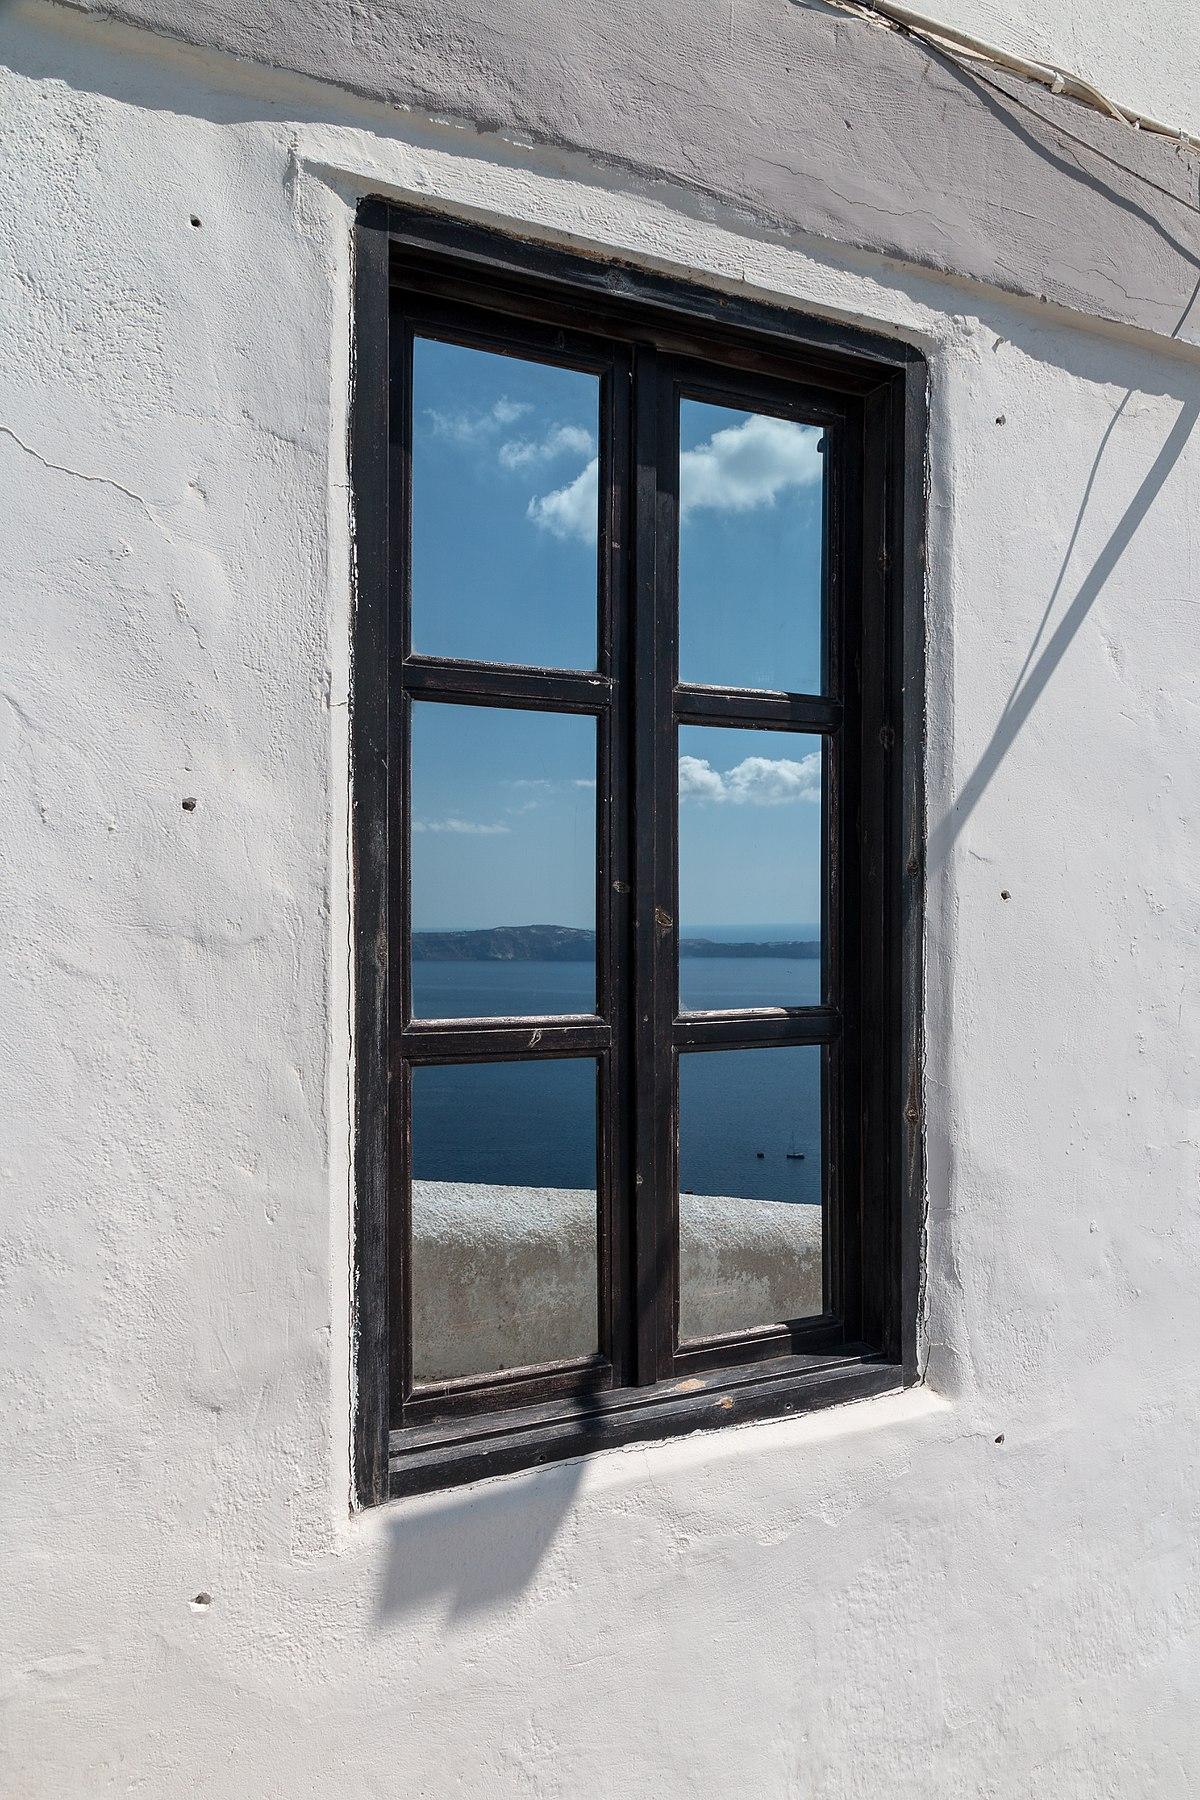 Davanzale Interno Della Finestra finestra - wikipedia